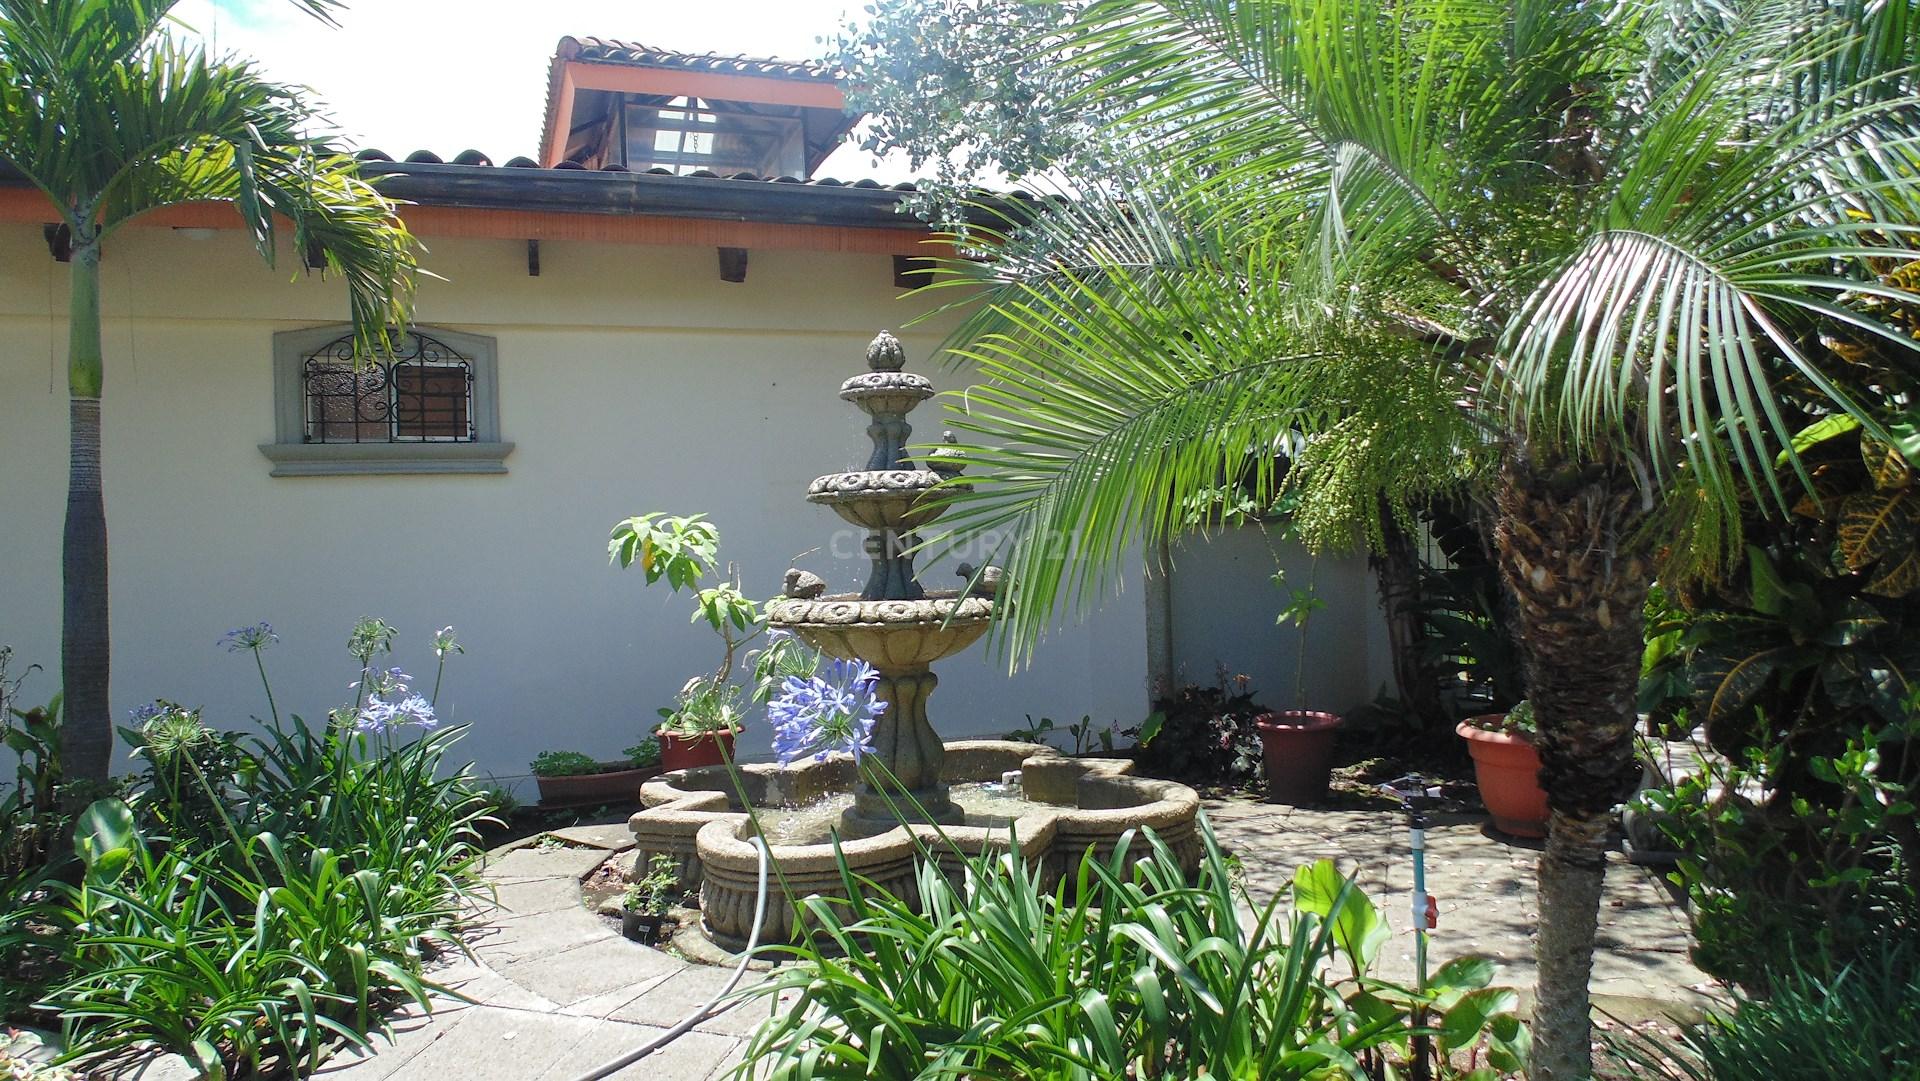 Venta de casa amplia estilo colonial , San Antonio Escazú, $775,000